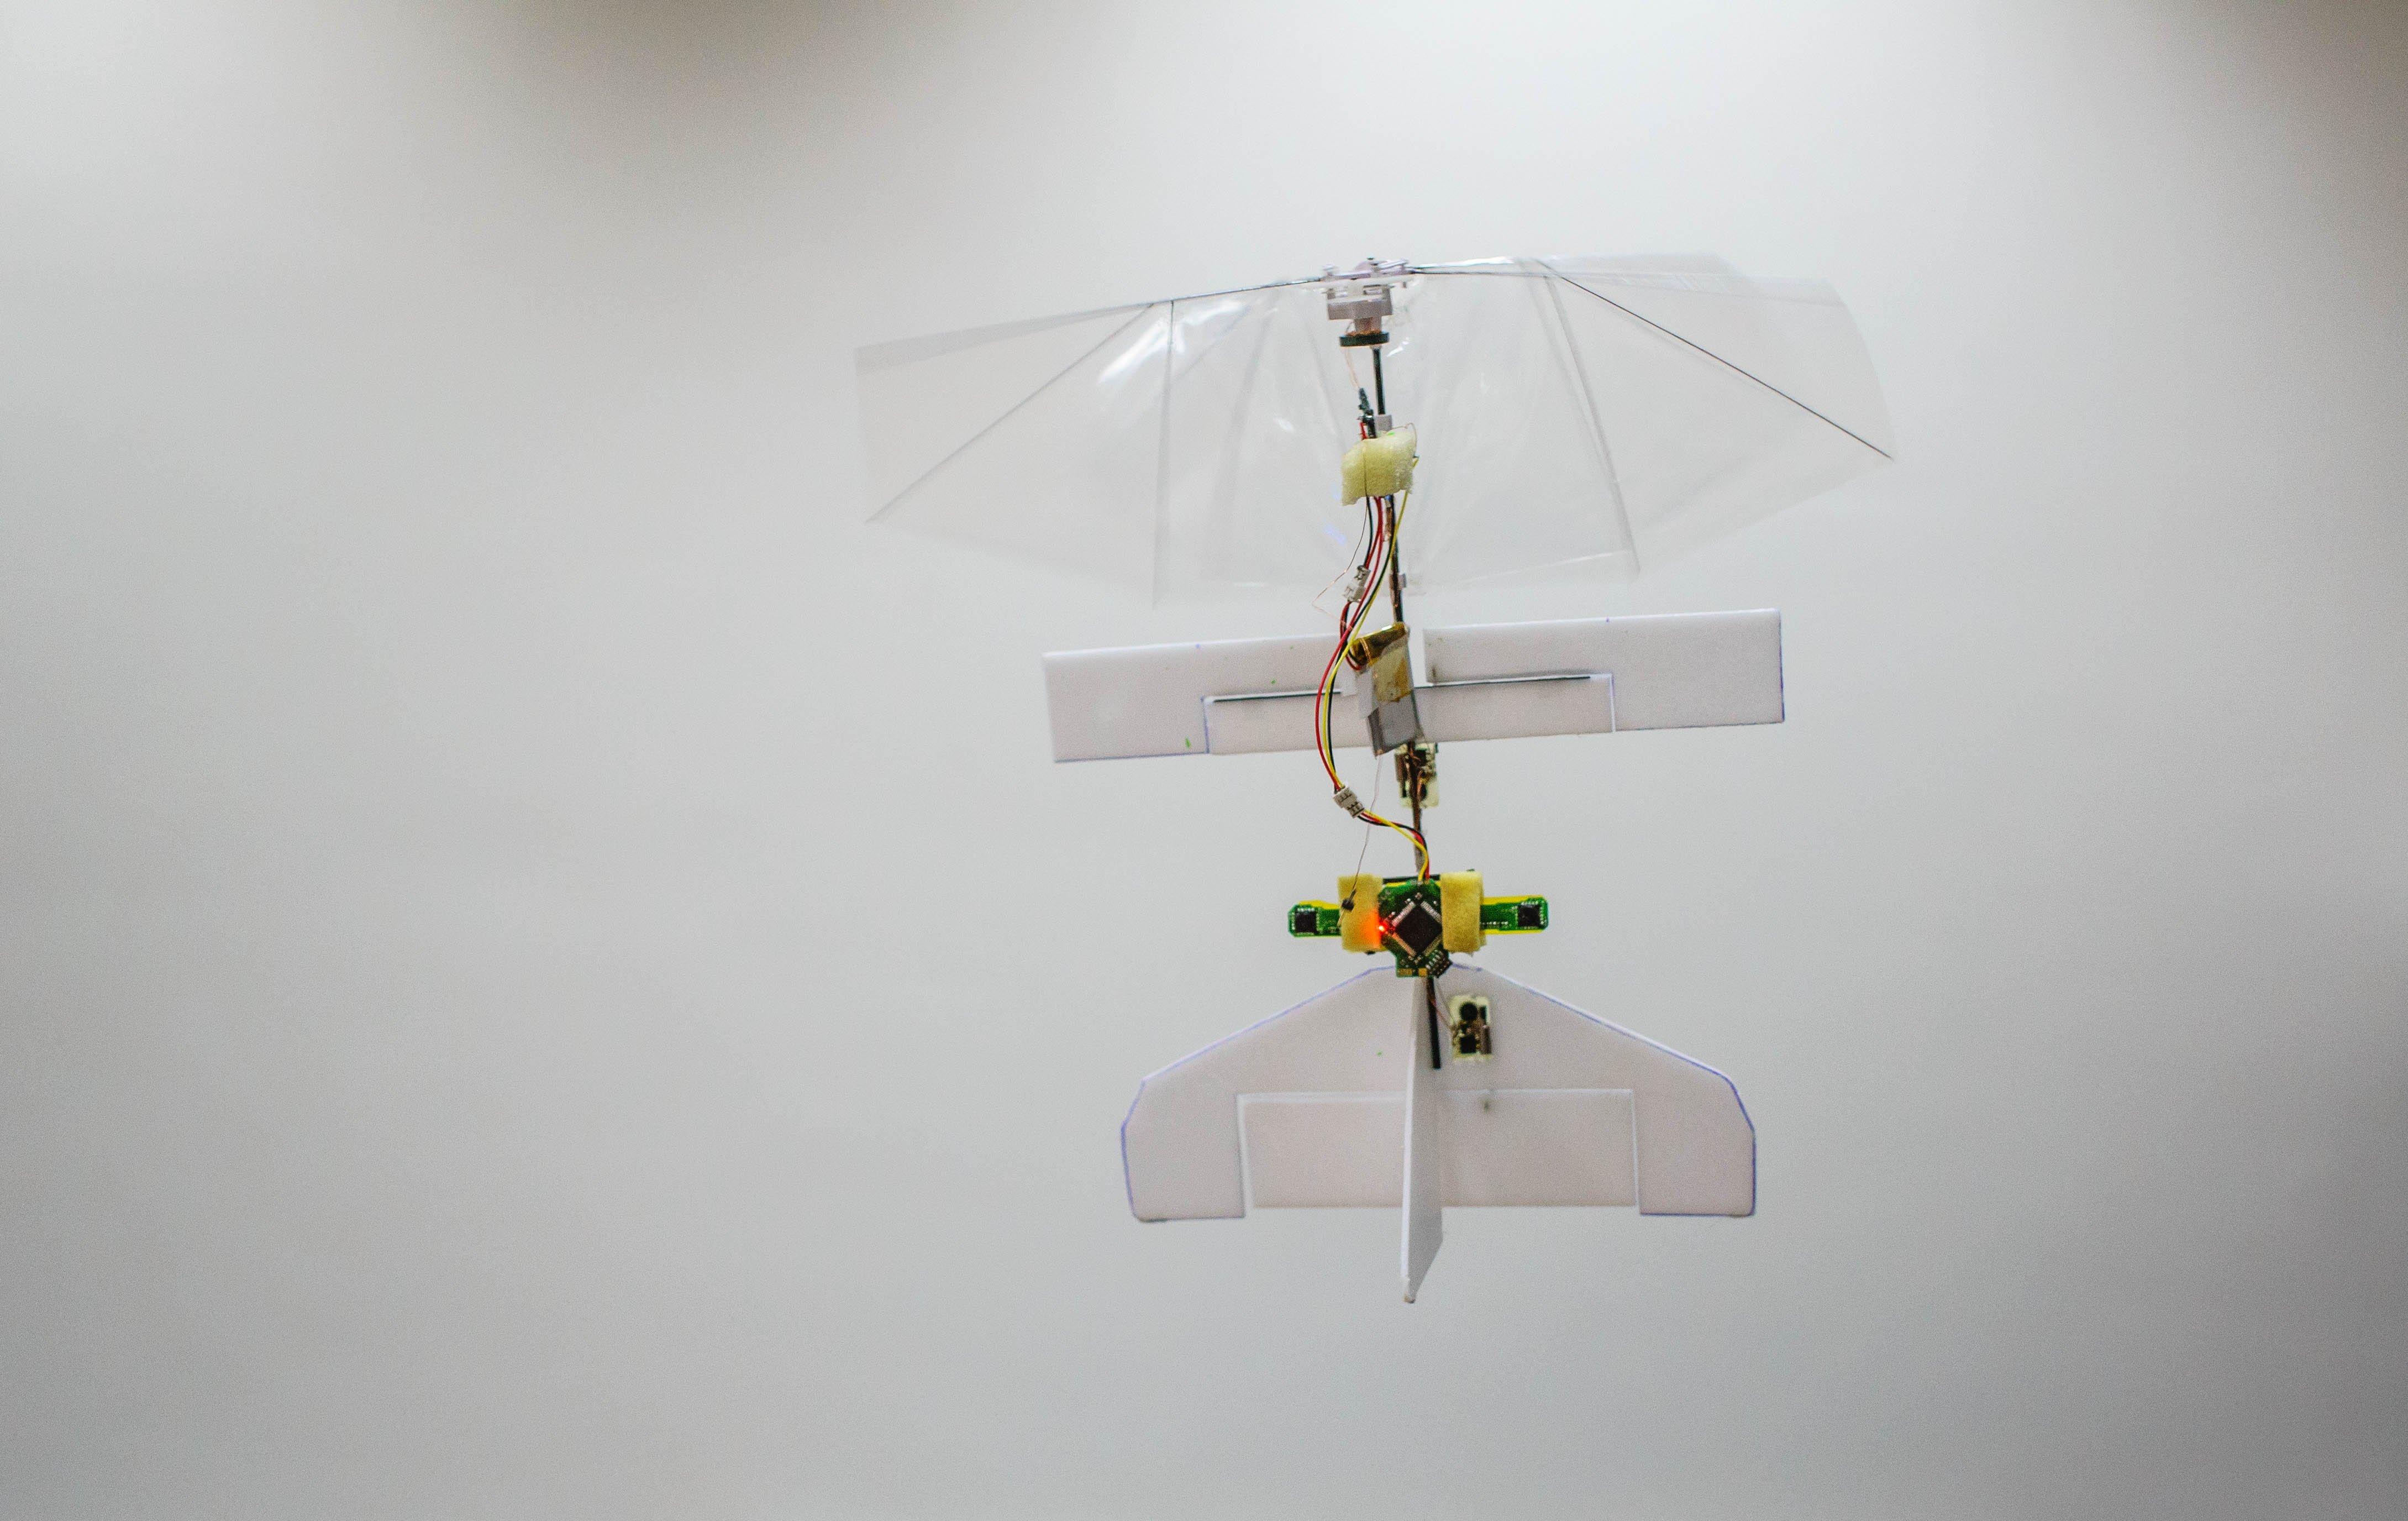 """Dank zweier Kameras kann die Minidrohne """"DelFly Explorer"""" selbstständig manövrieren. Die nur 20 Gramm leichte Drohne der TU Delft gleicht einer Libelle."""